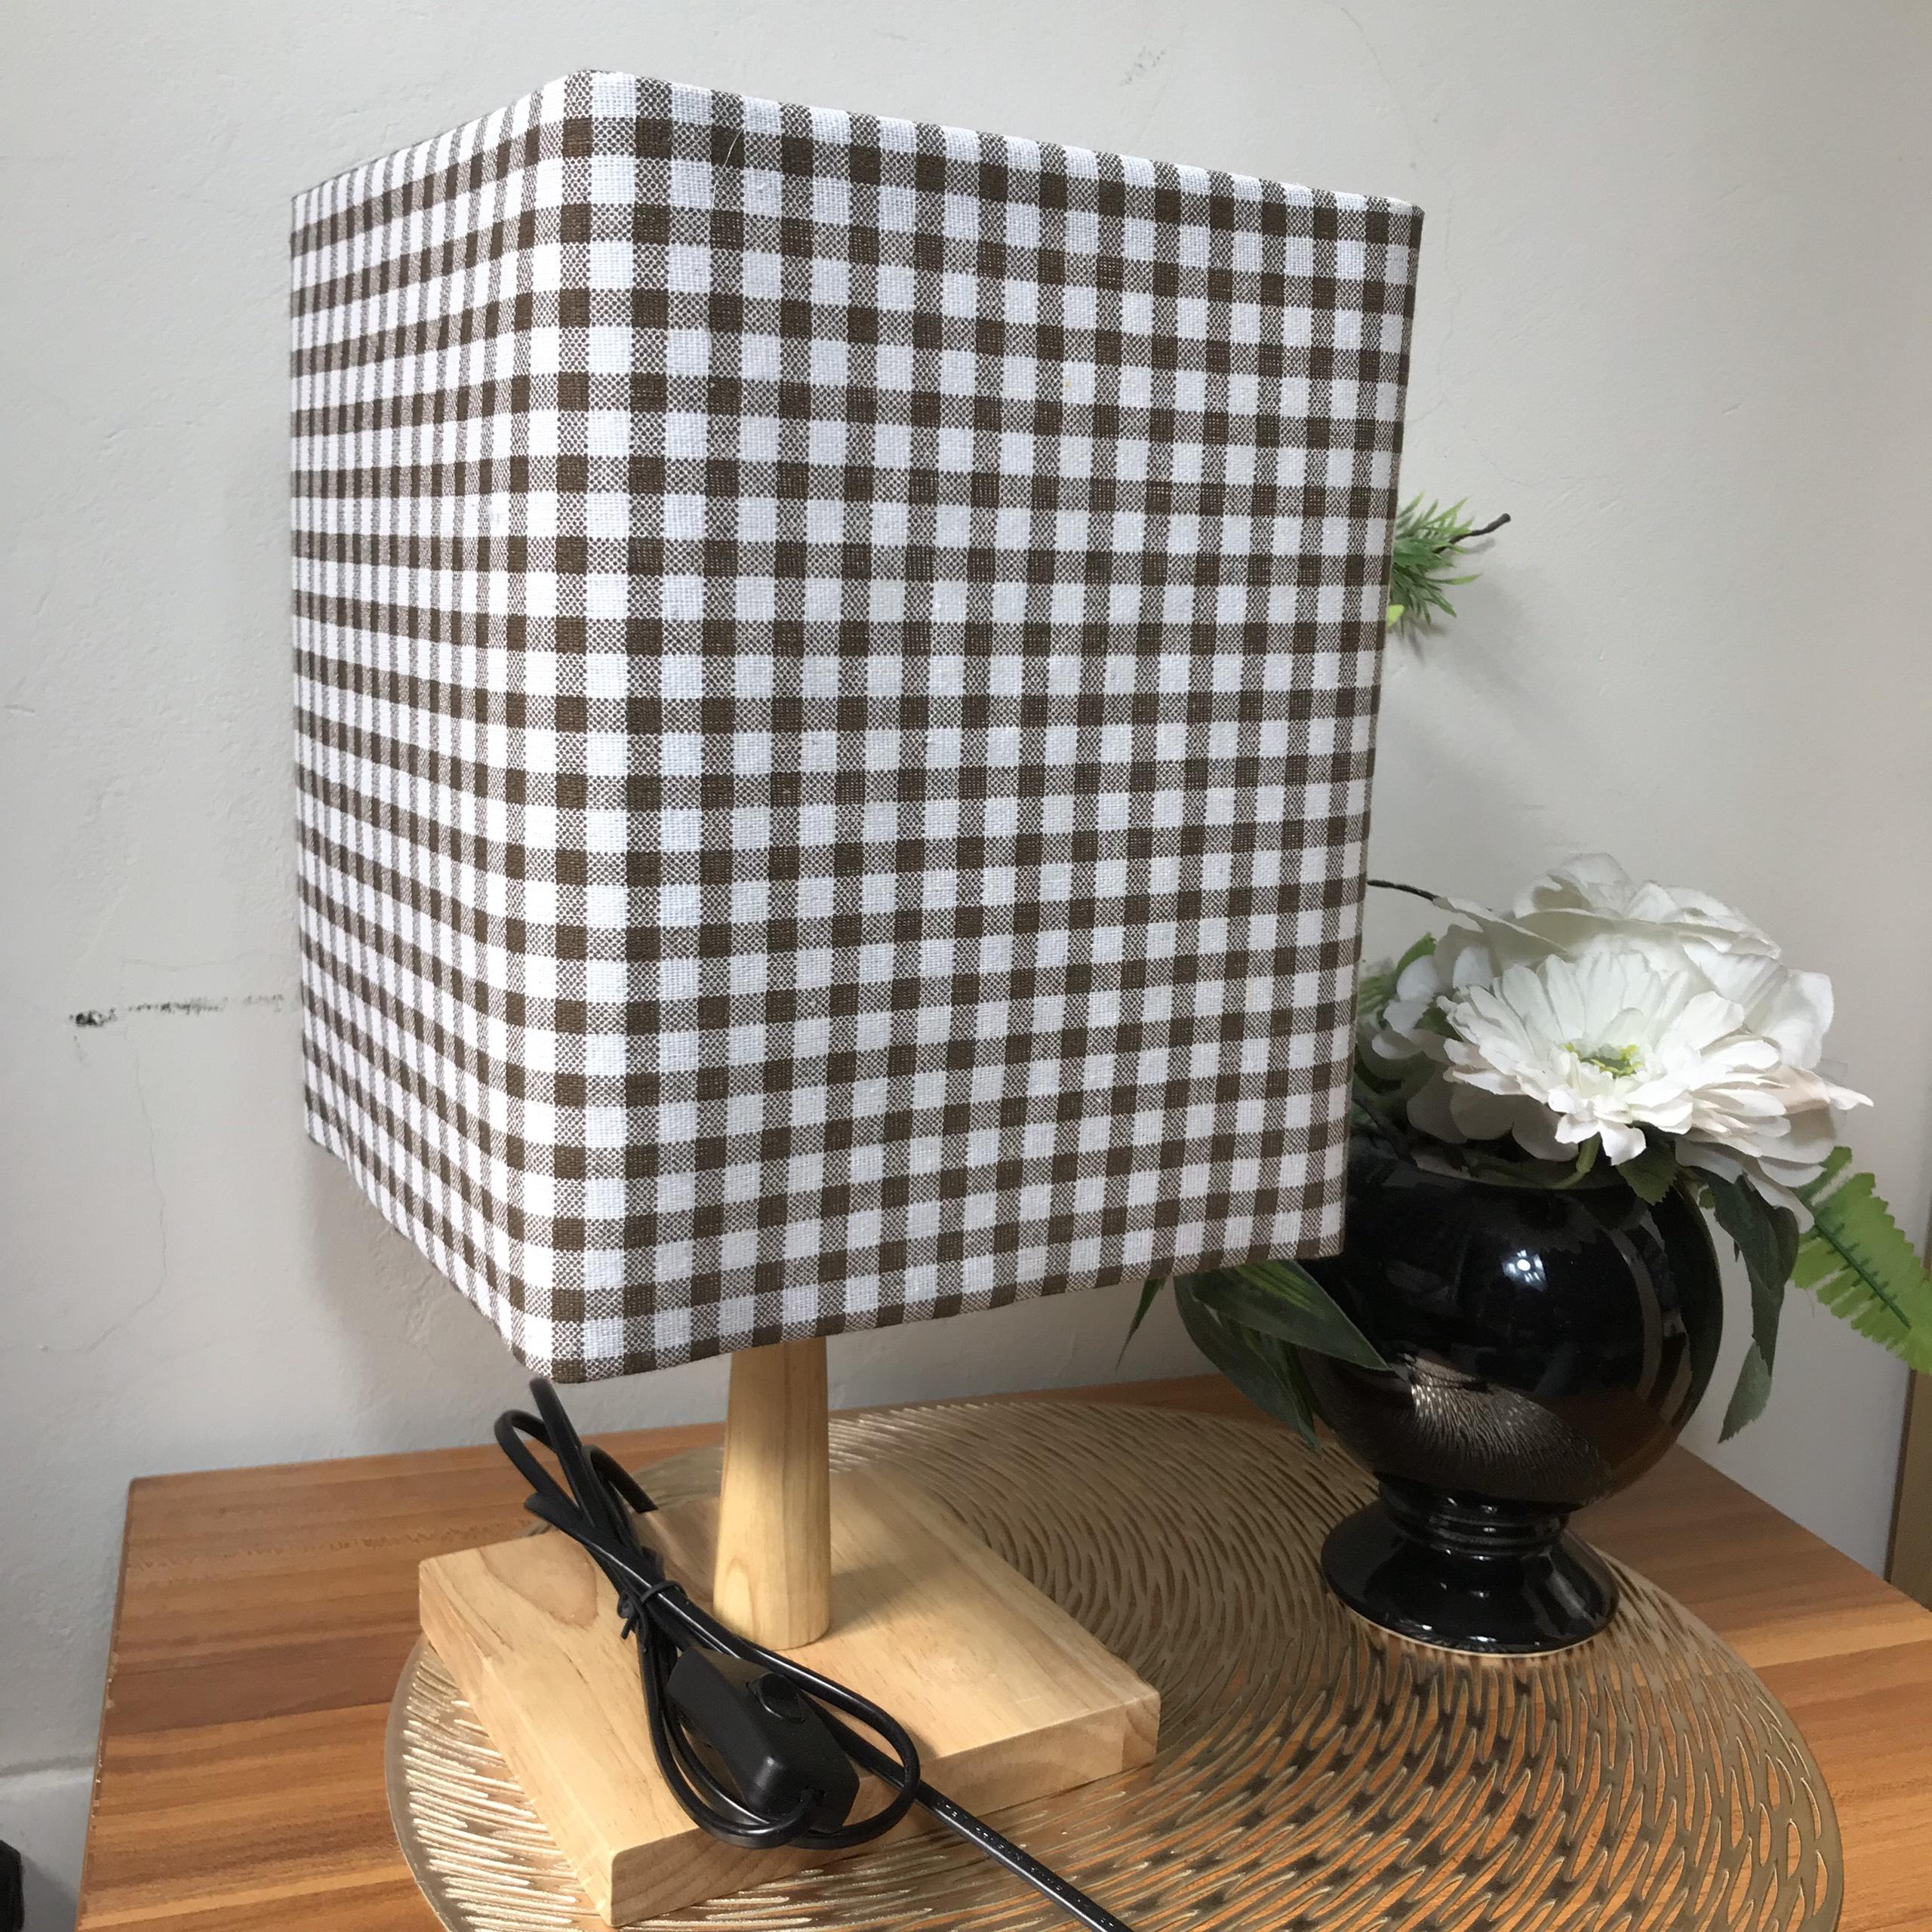 Đèn ngủ để bàn DB-G08 CARO NÂU, đèn bàn ngủ chóa vải bố linen decor nhà cửa, chân gỗ phong cách, công tắc bật tắt, tặng kèm bóng đèn